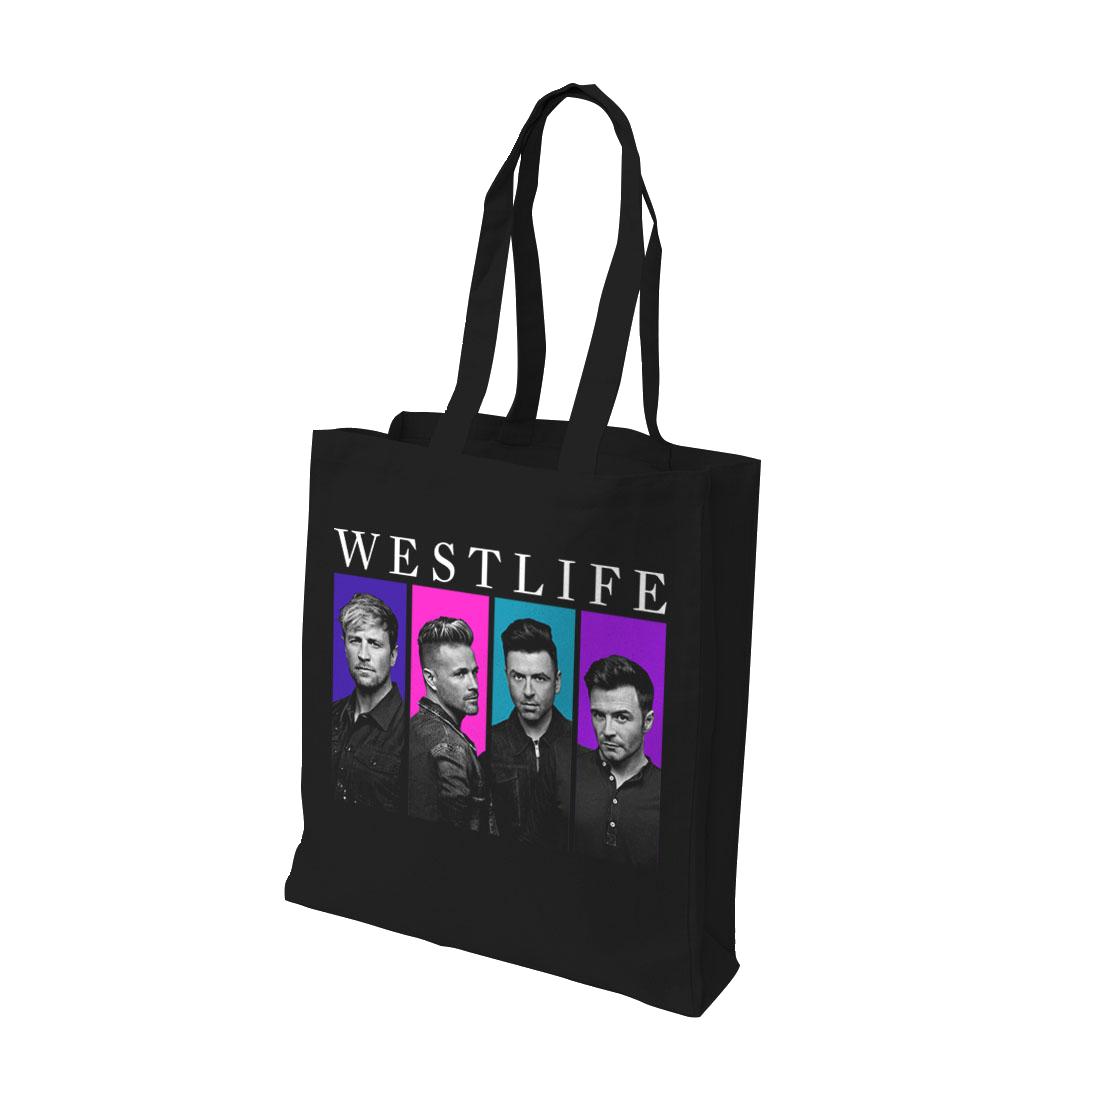 Westlife: Westlife Tote